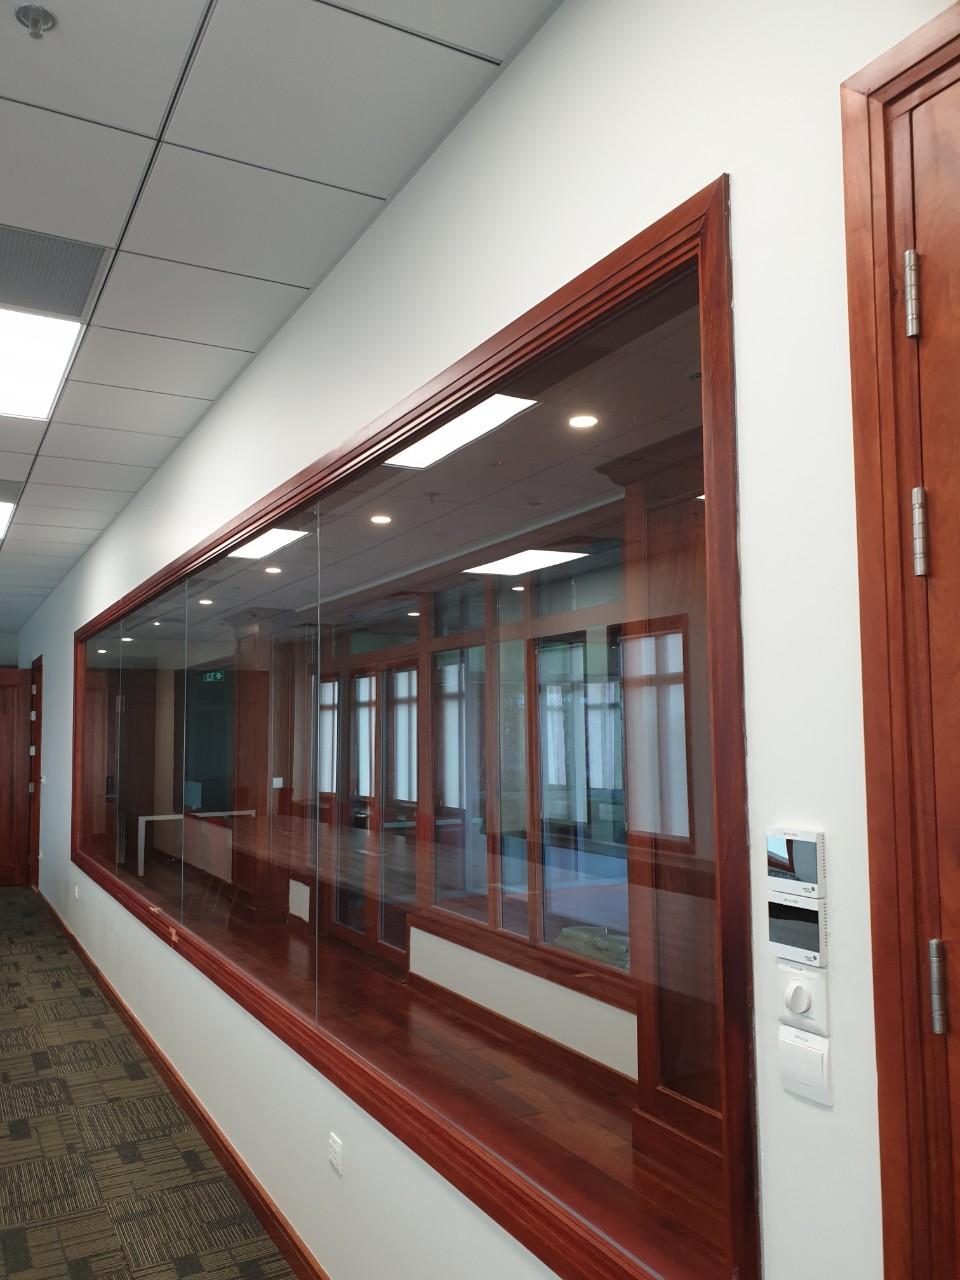 Giai đoạn hoàn thiện văn phòng sau khi sửa chữa cải tạo